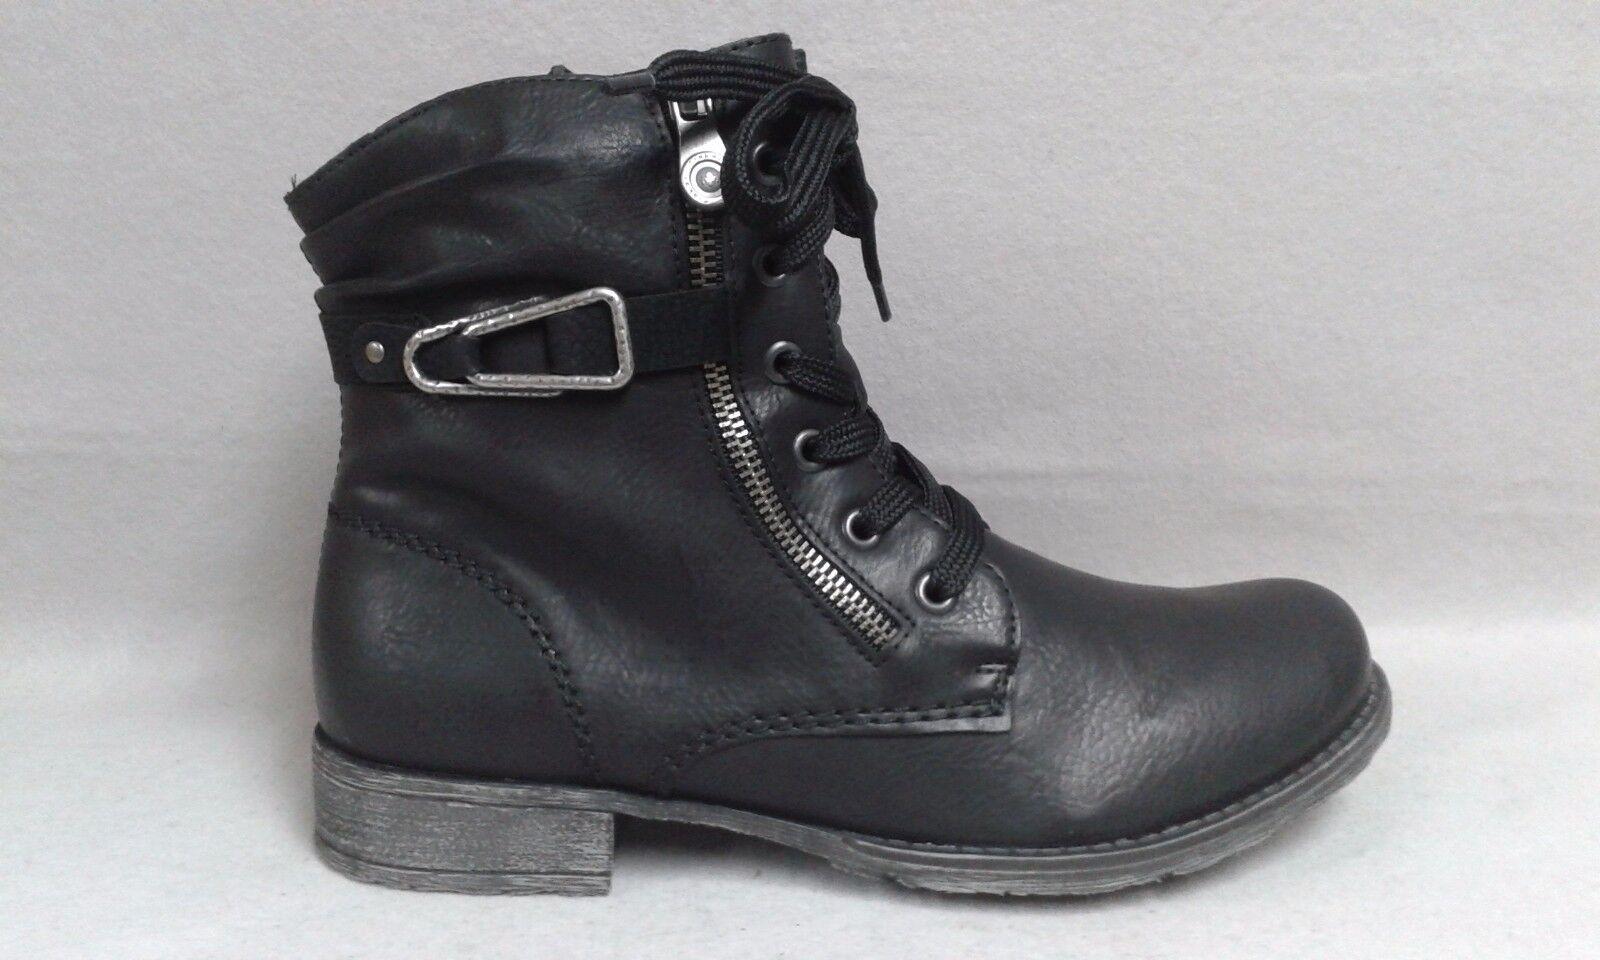 Rieker Boots Schnürboots schwarz Stiefel Stiefelette warm Reisverschluß 70847